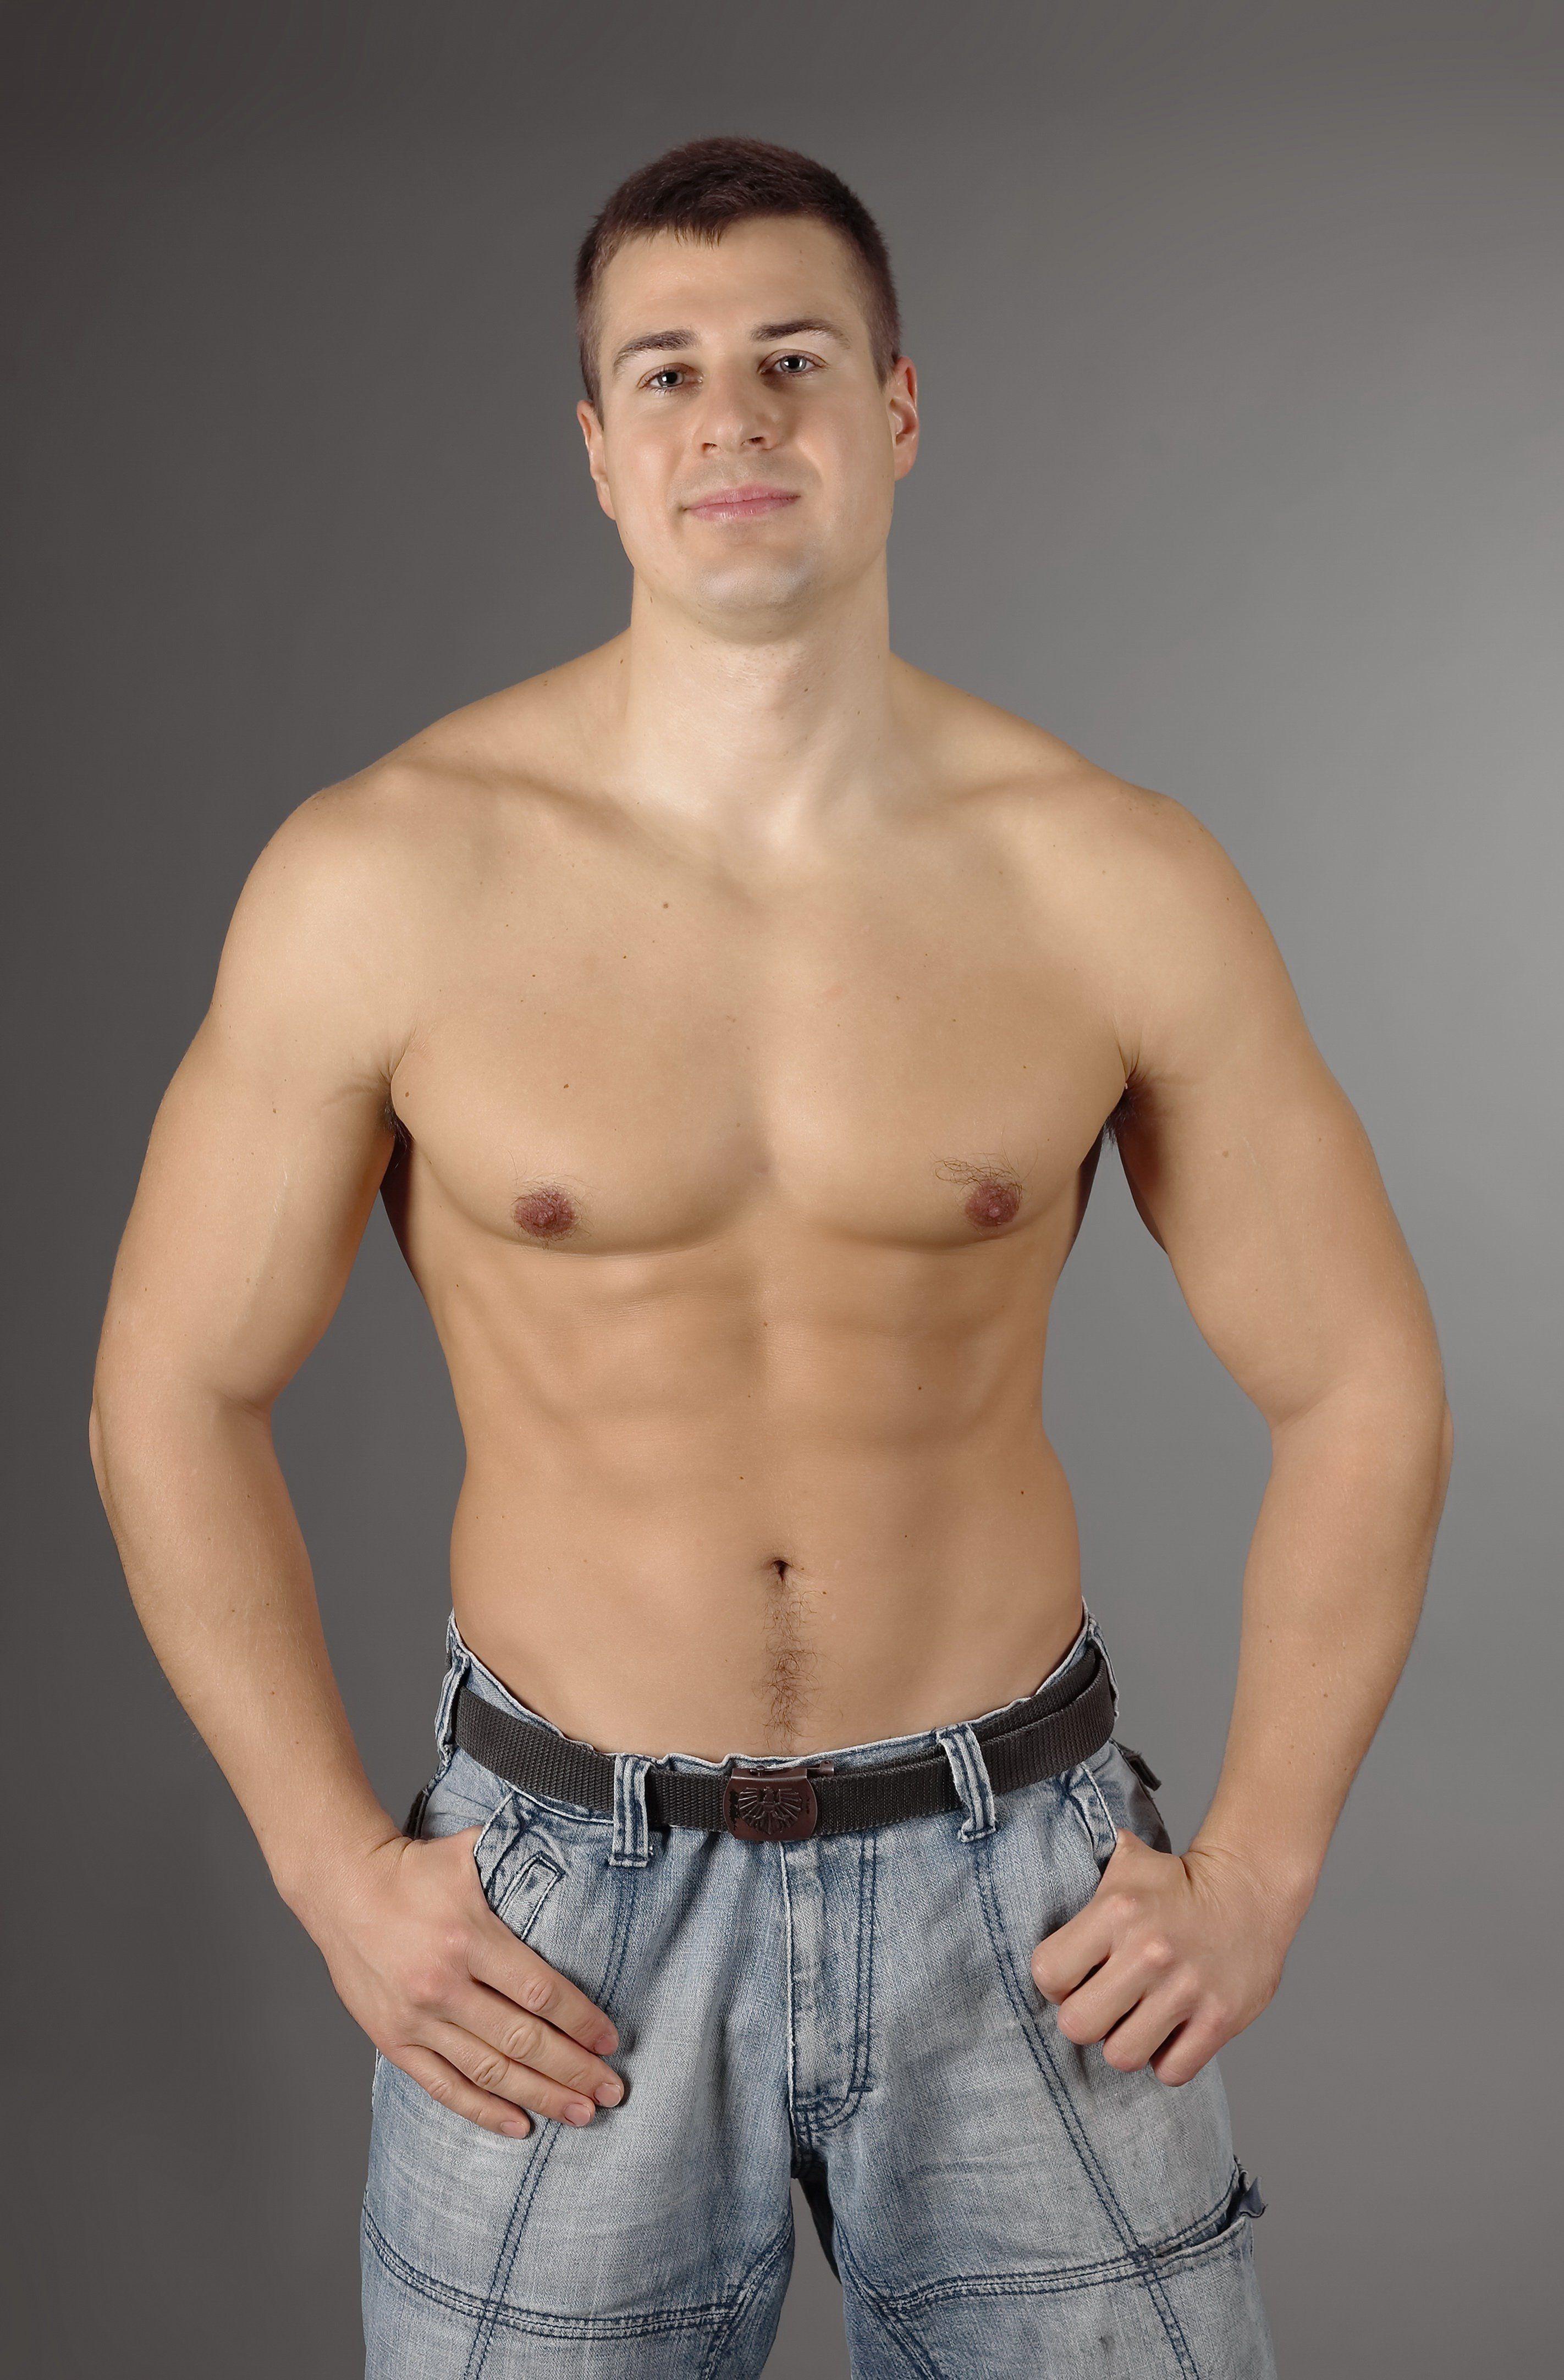 Bodybuilding frauen treffen